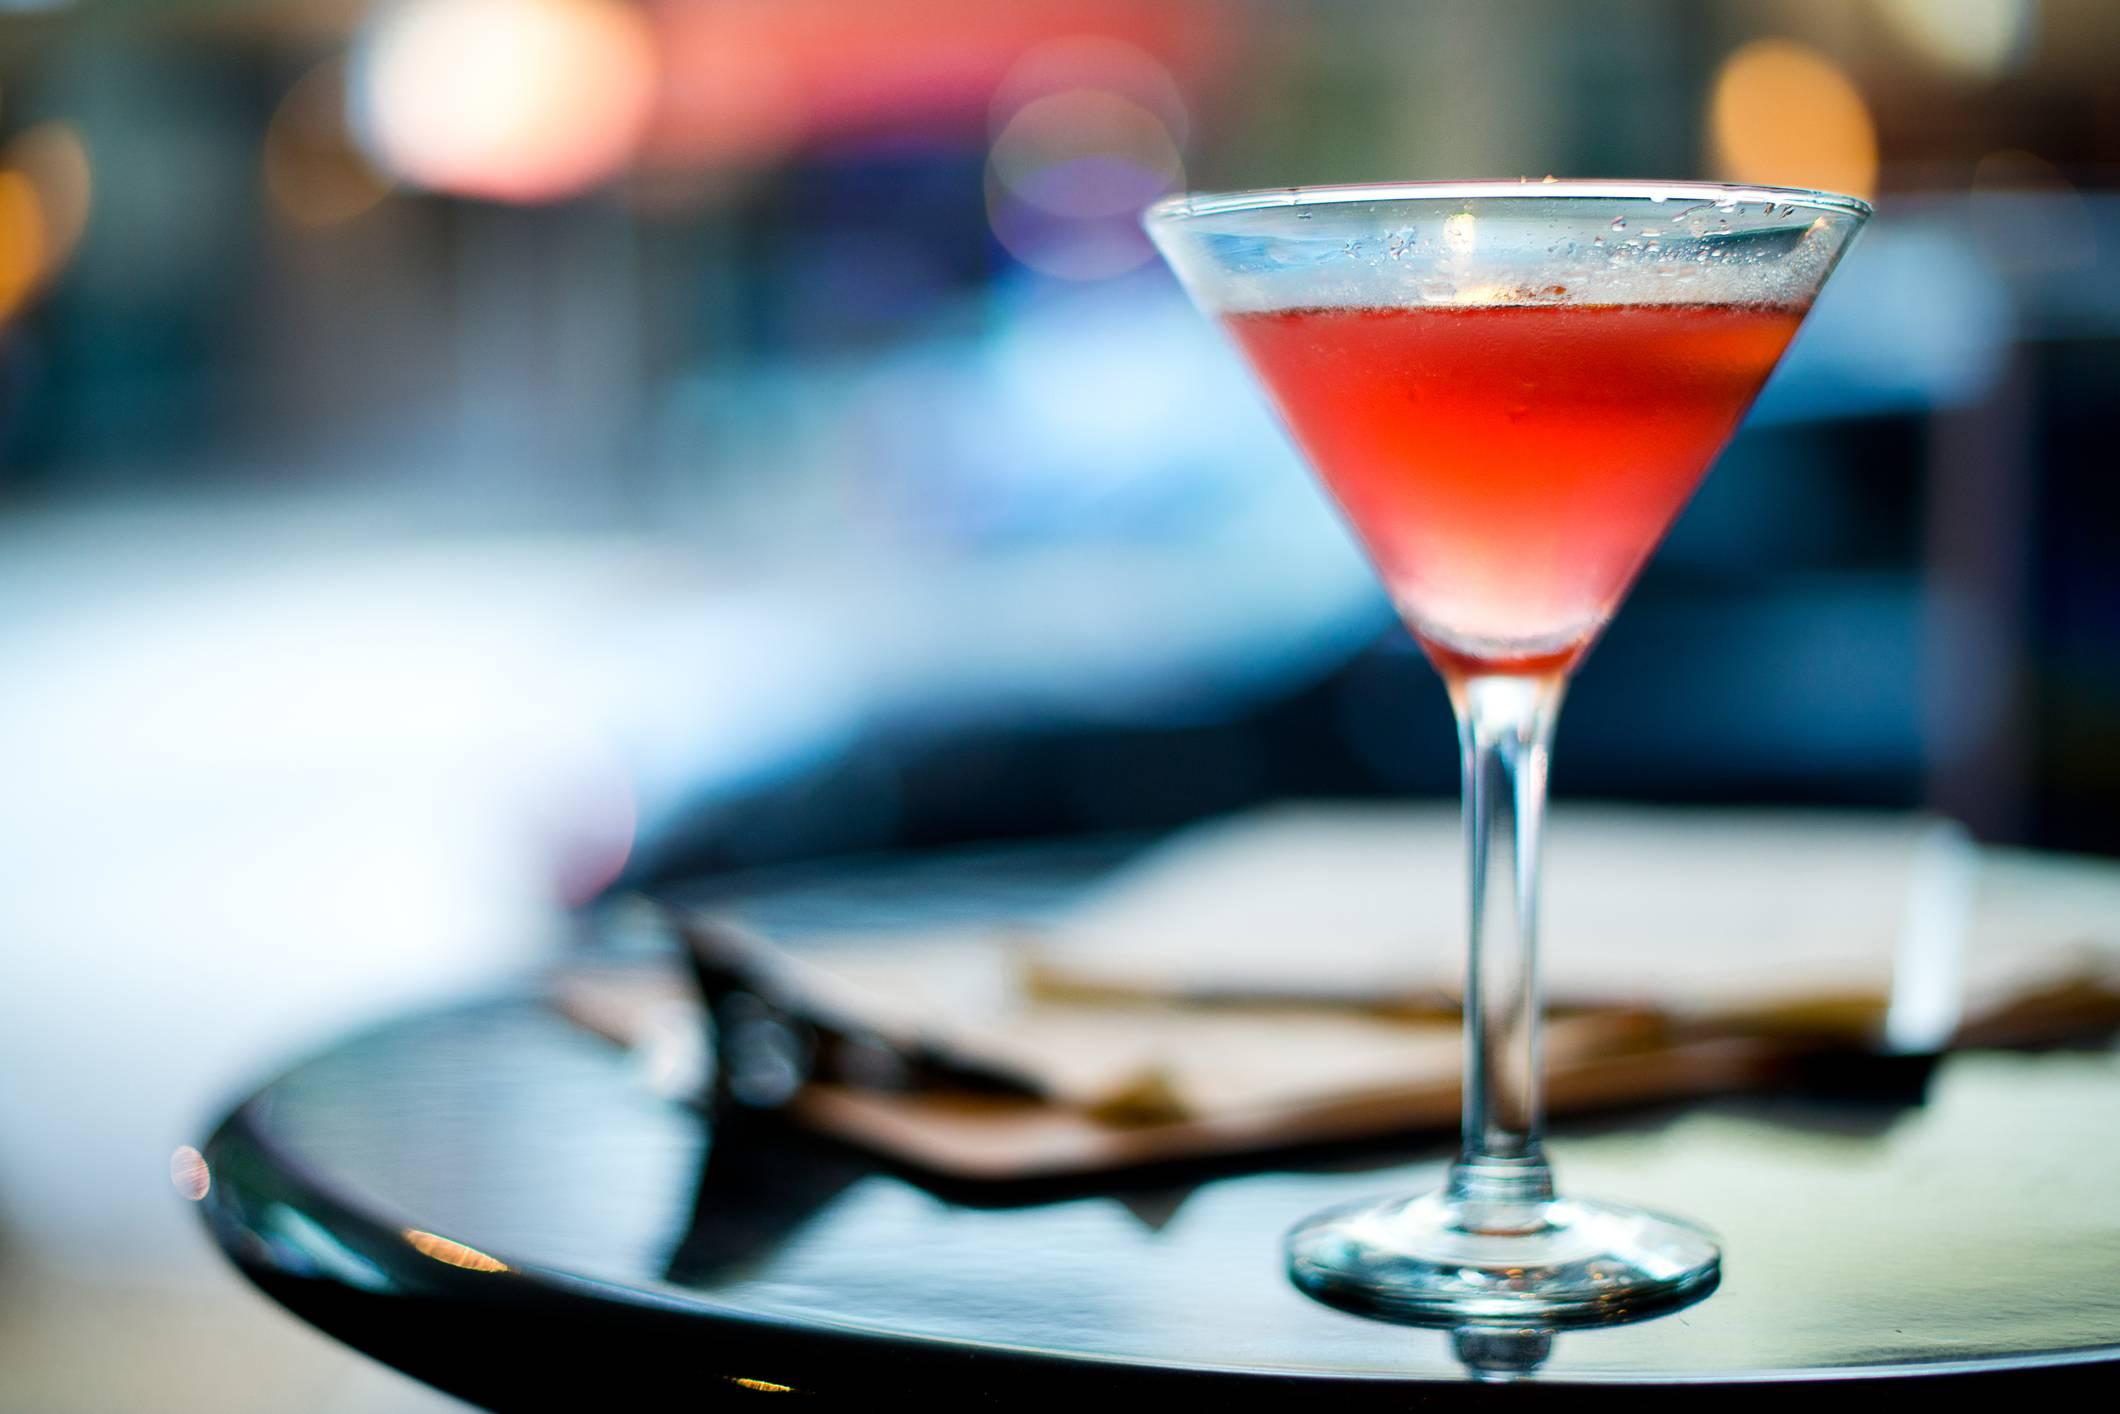 Cosa Organizzare In Un Bar aprire un bar: ecco quanto costa e come avviare un'attività